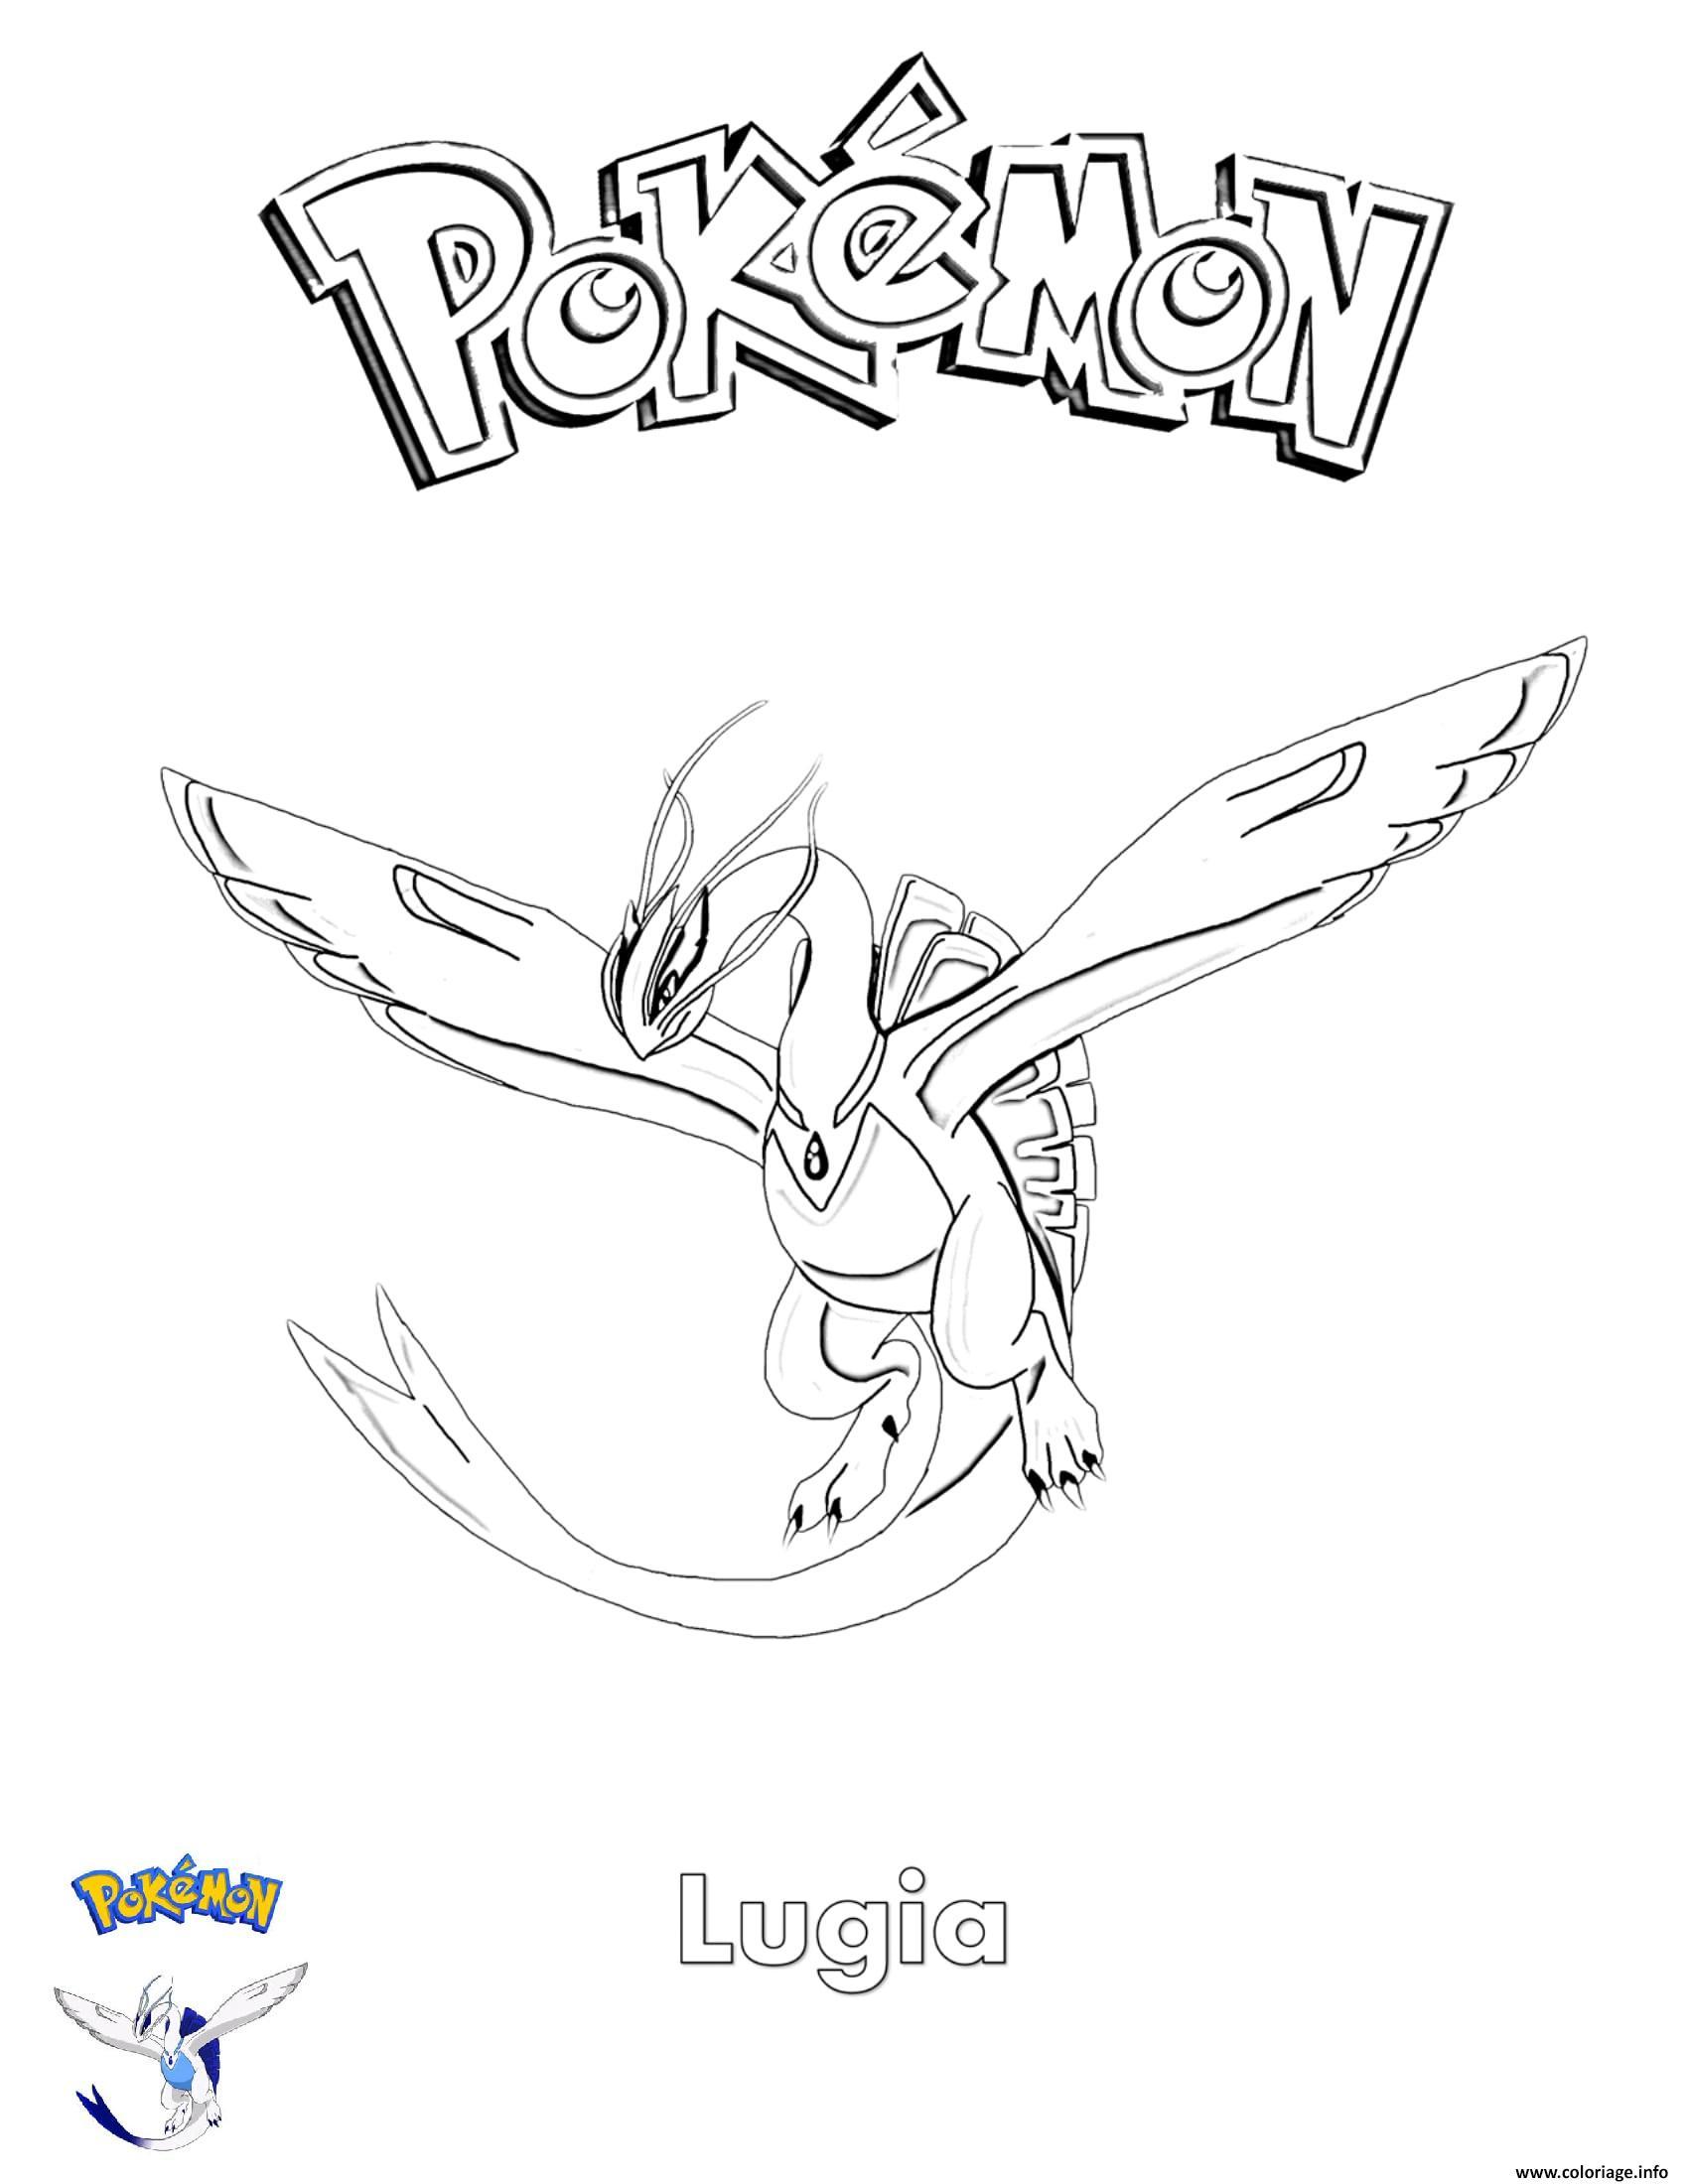 Dessin Lugia Pokemon Coloriage Gratuit à Imprimer